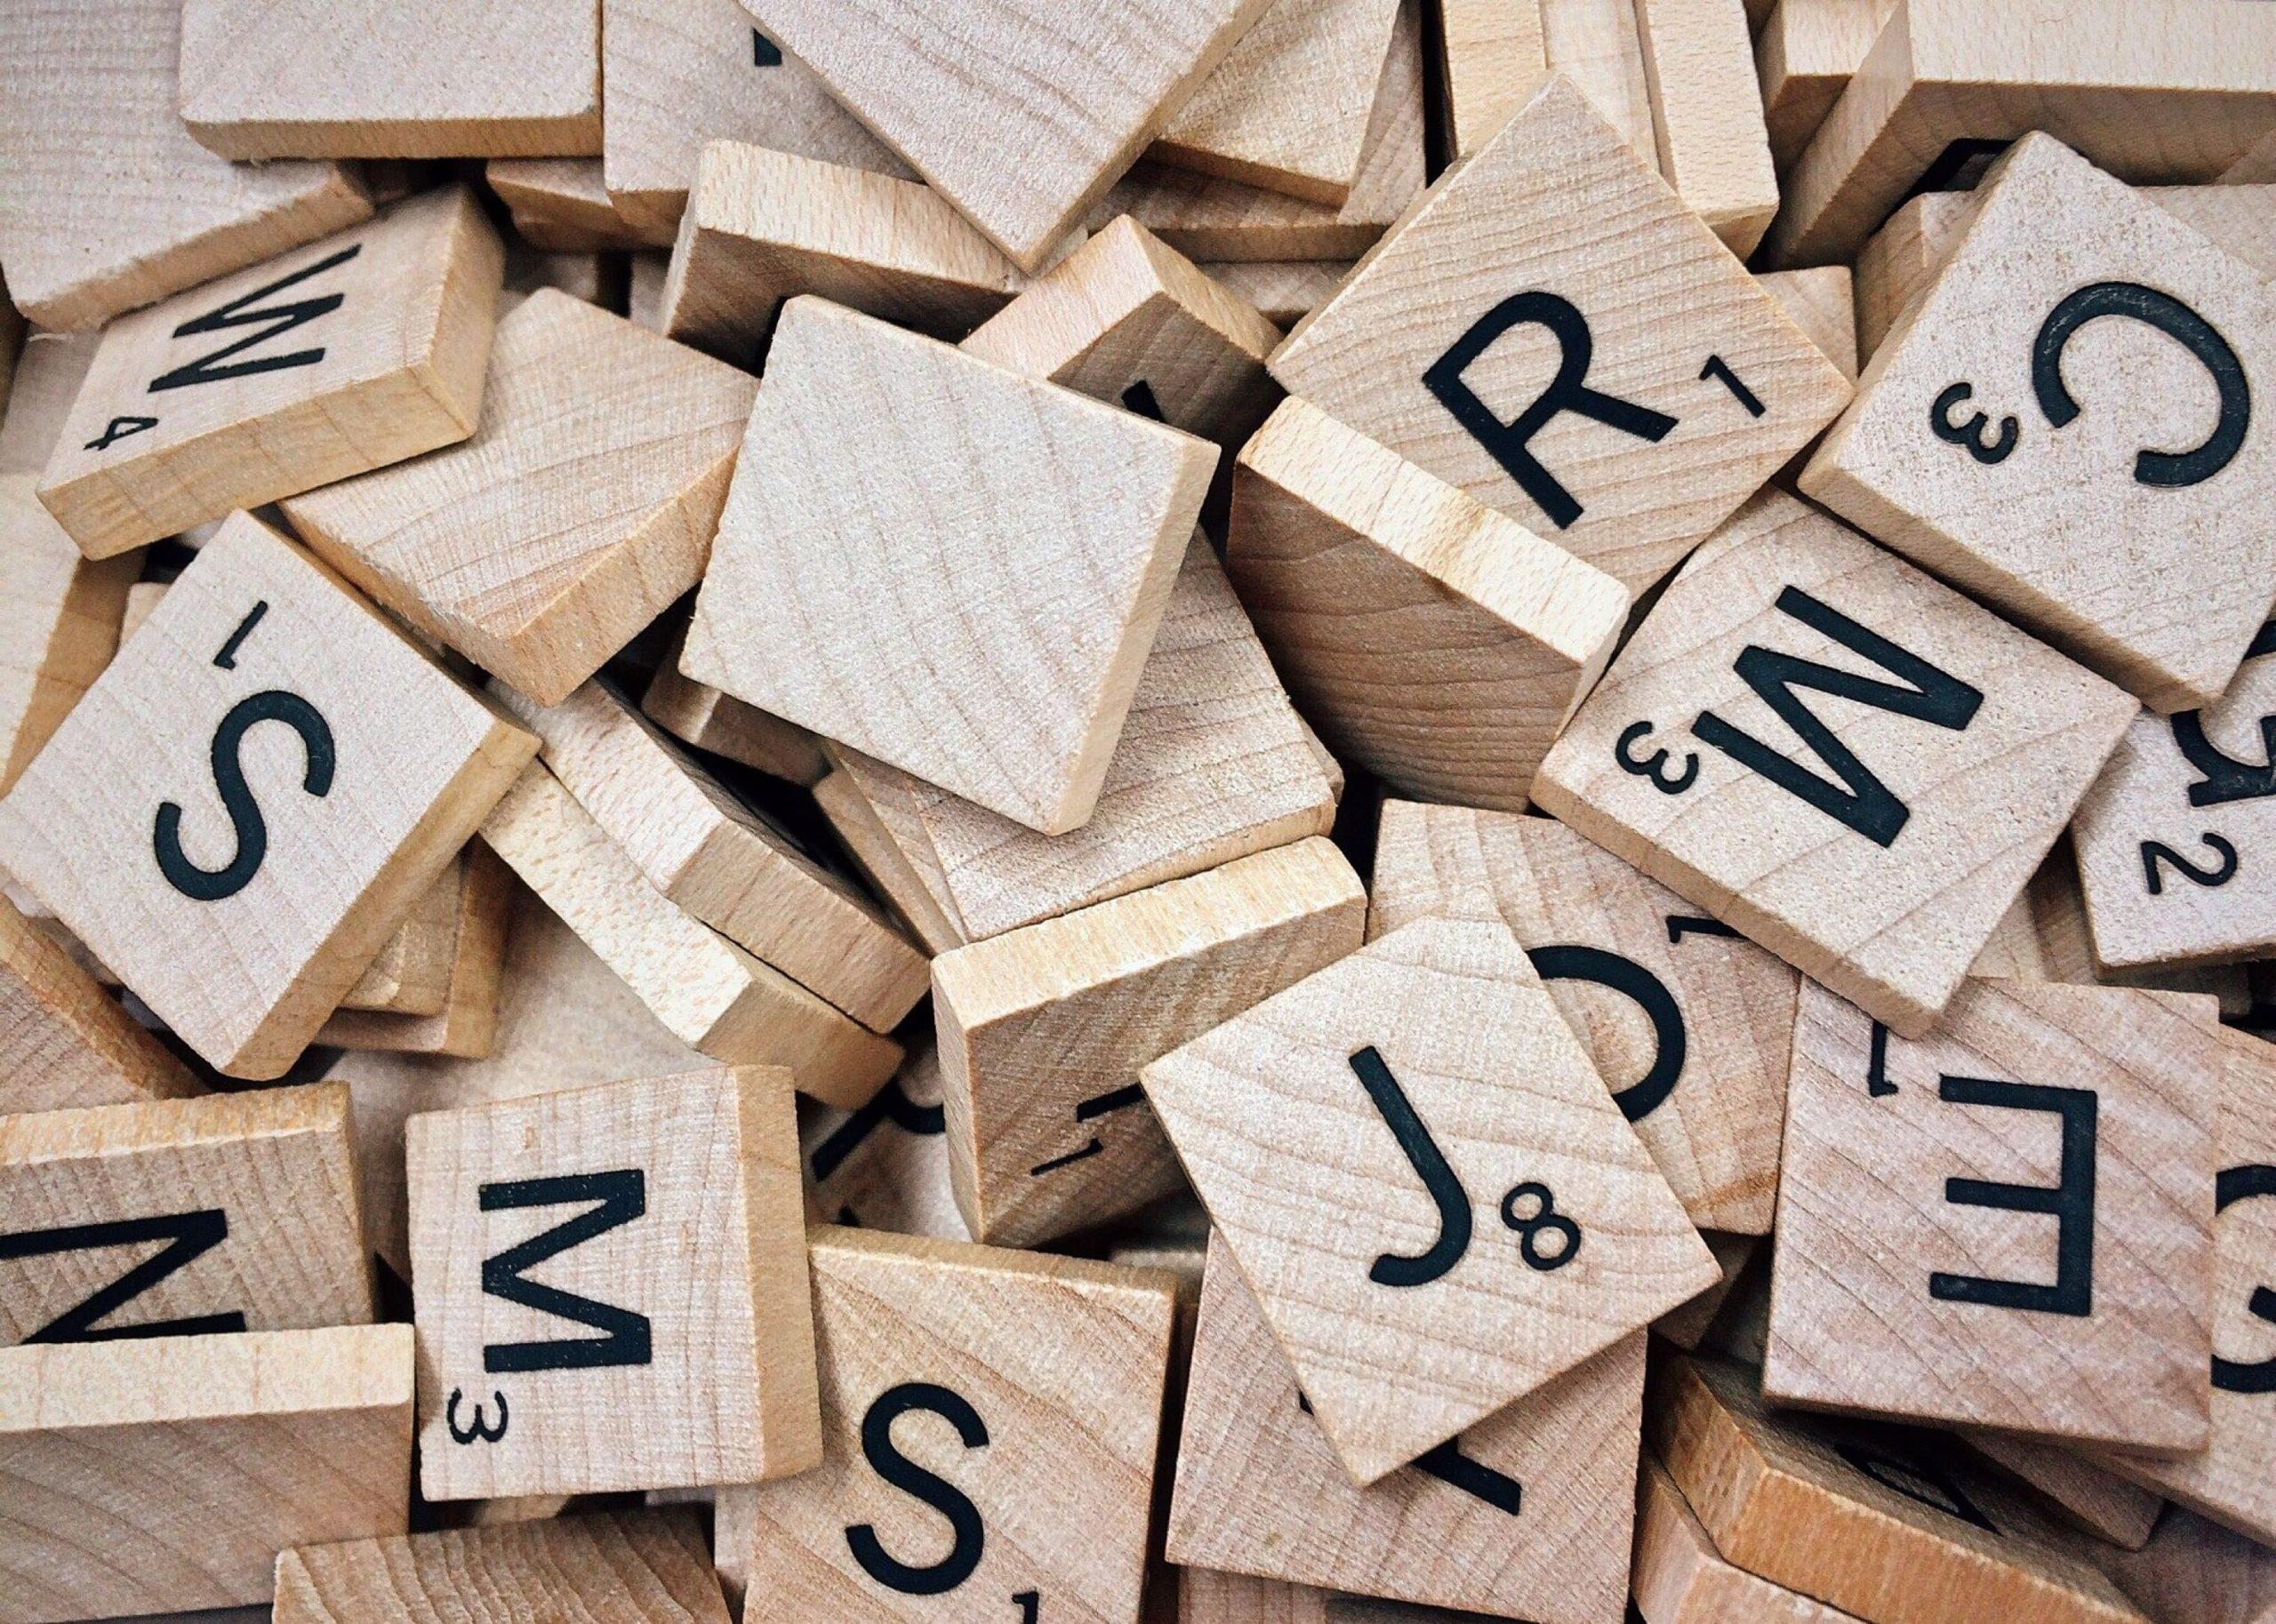 الدماغ البشري مُعد لرؤية الكلمات منذ الولادة